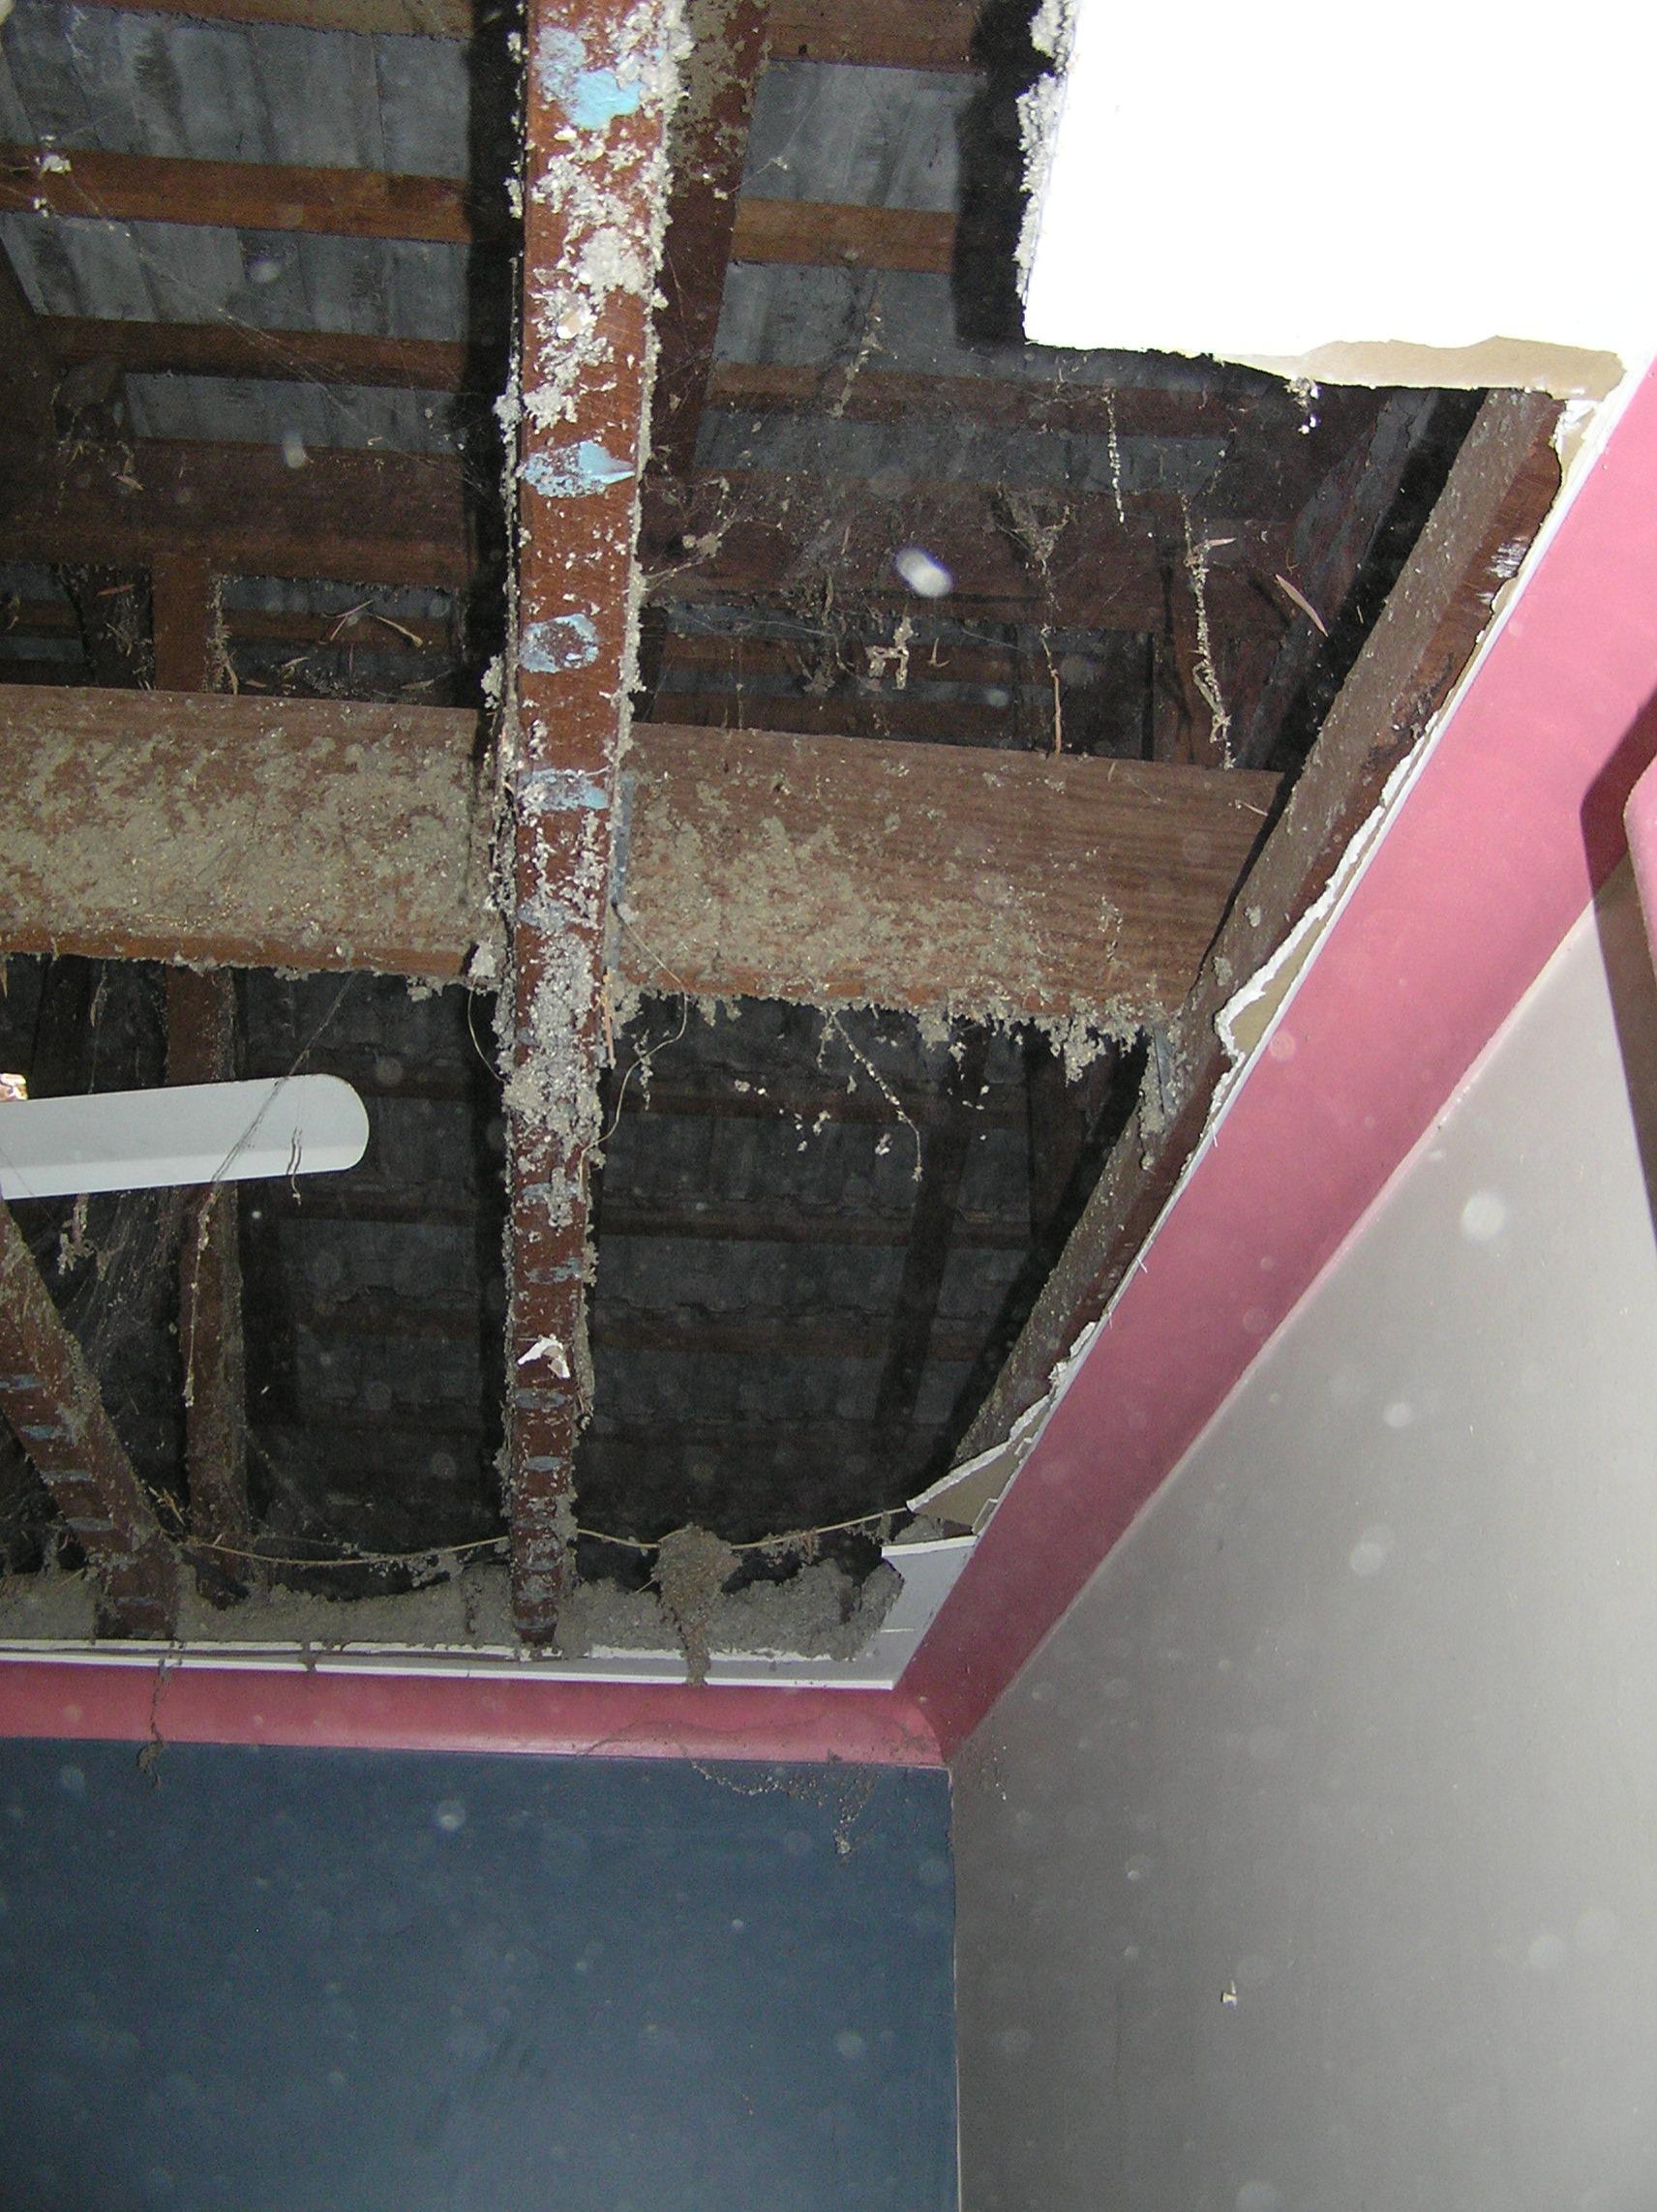 Maidavale – Fallen Ceiling